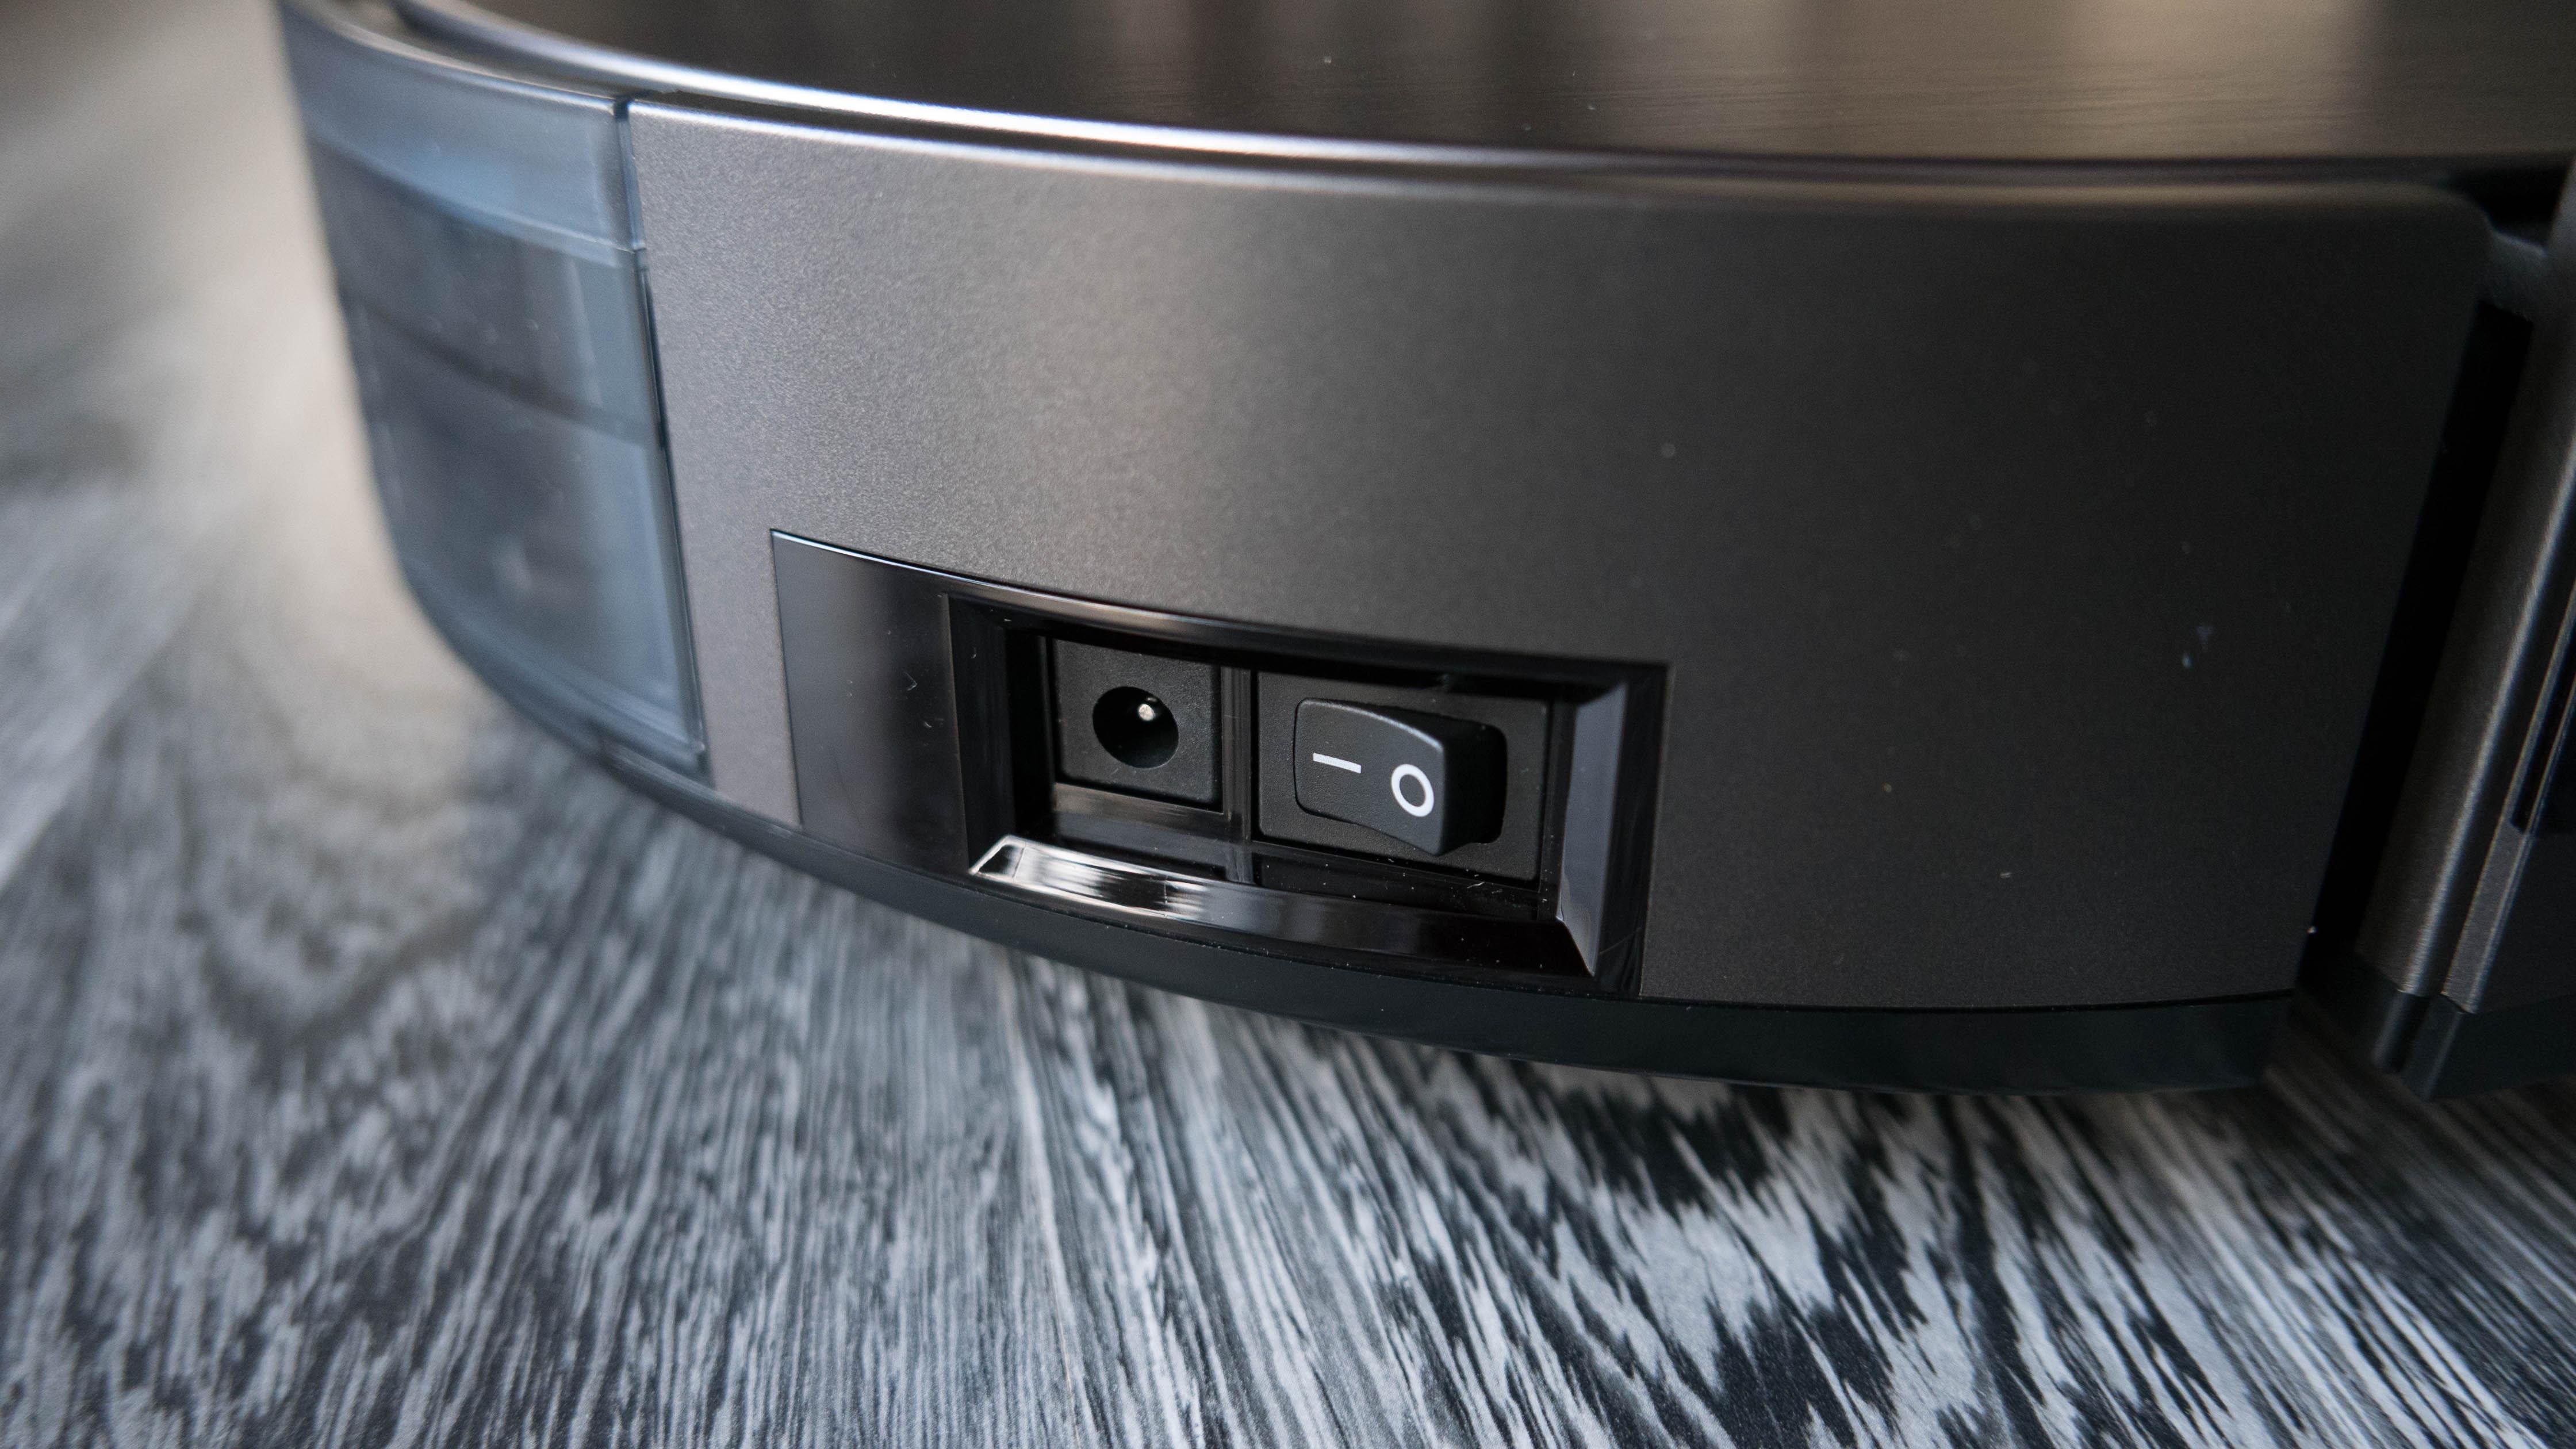 ILIFE V80 Details 10